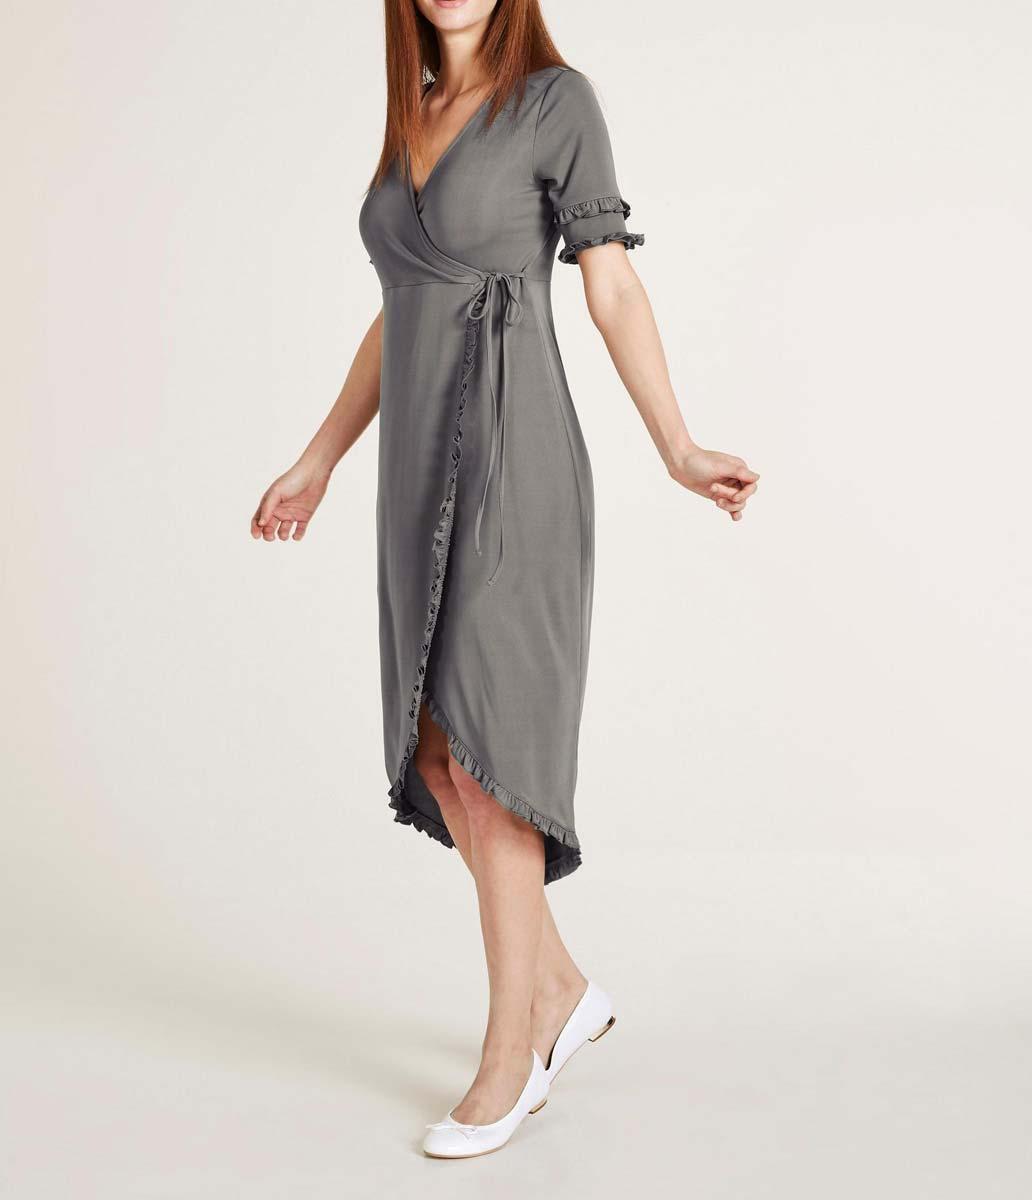 Wickelkleid Mit Rüschen Grau  Kleider  Outlet Modeshop